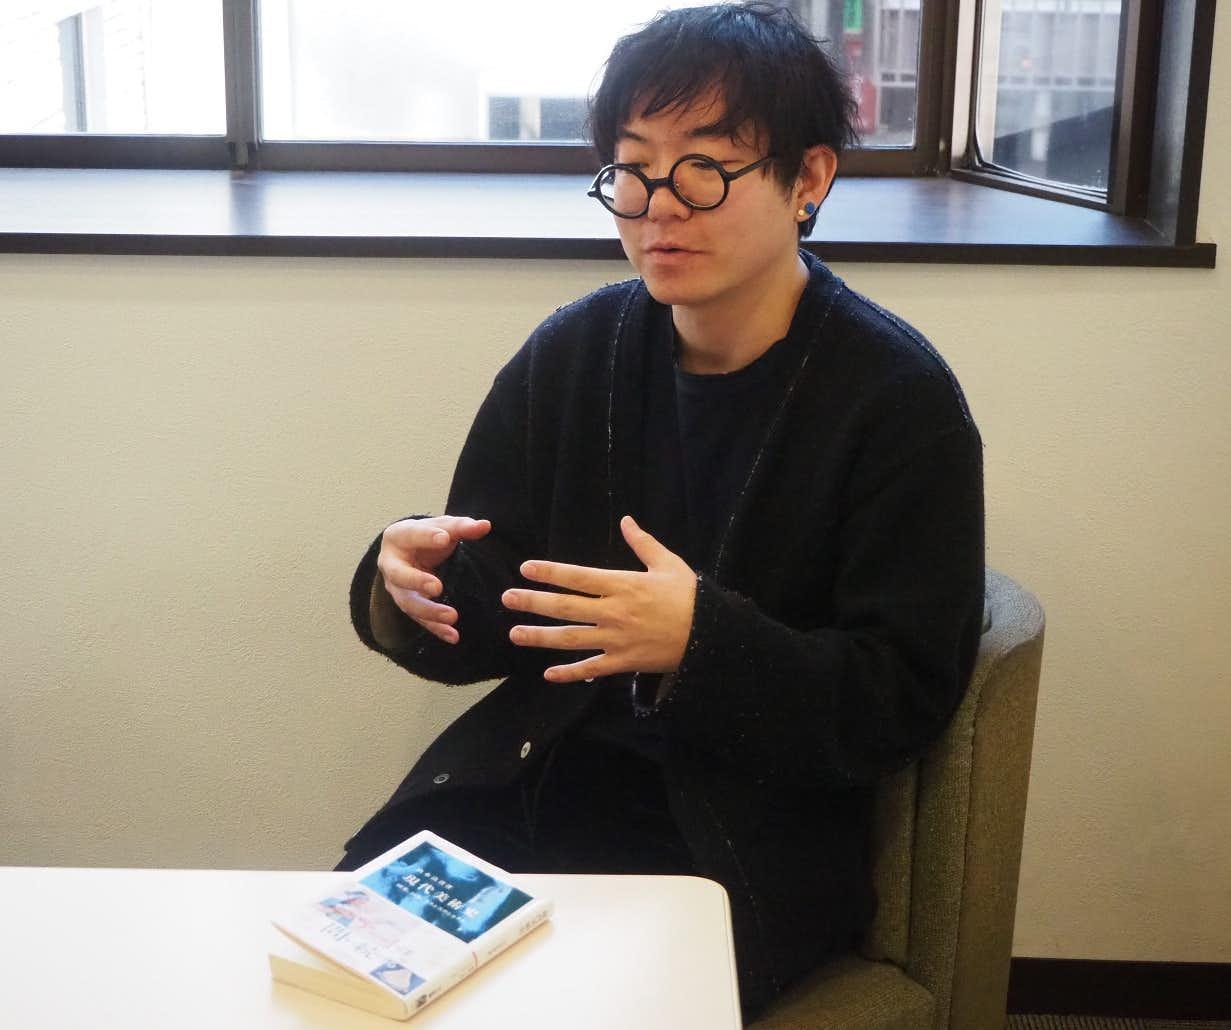 『現代美術史』著者・山本浩貴に聞く「コロナ時代の(と)アート」